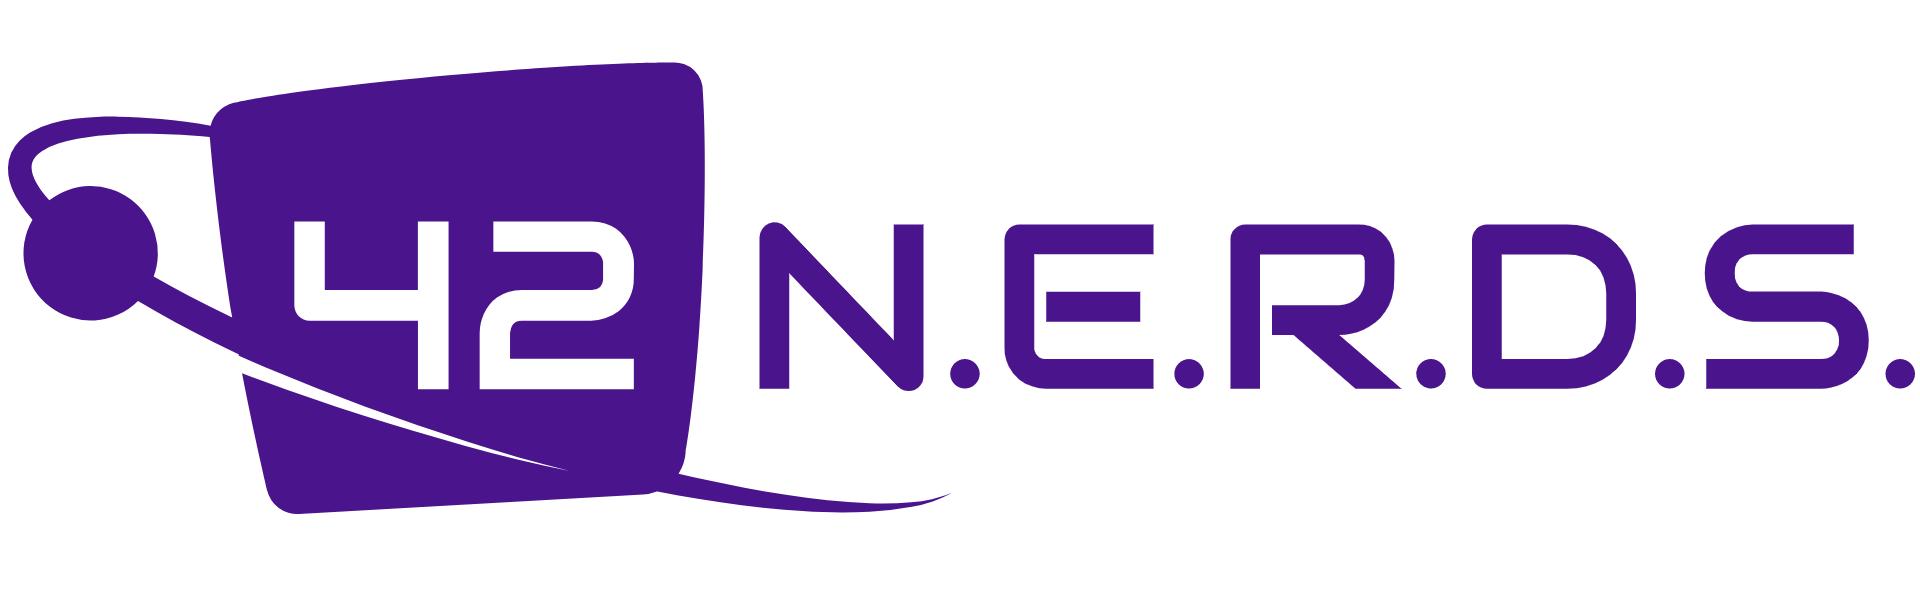 42 N.E.R.D.S. GmbH